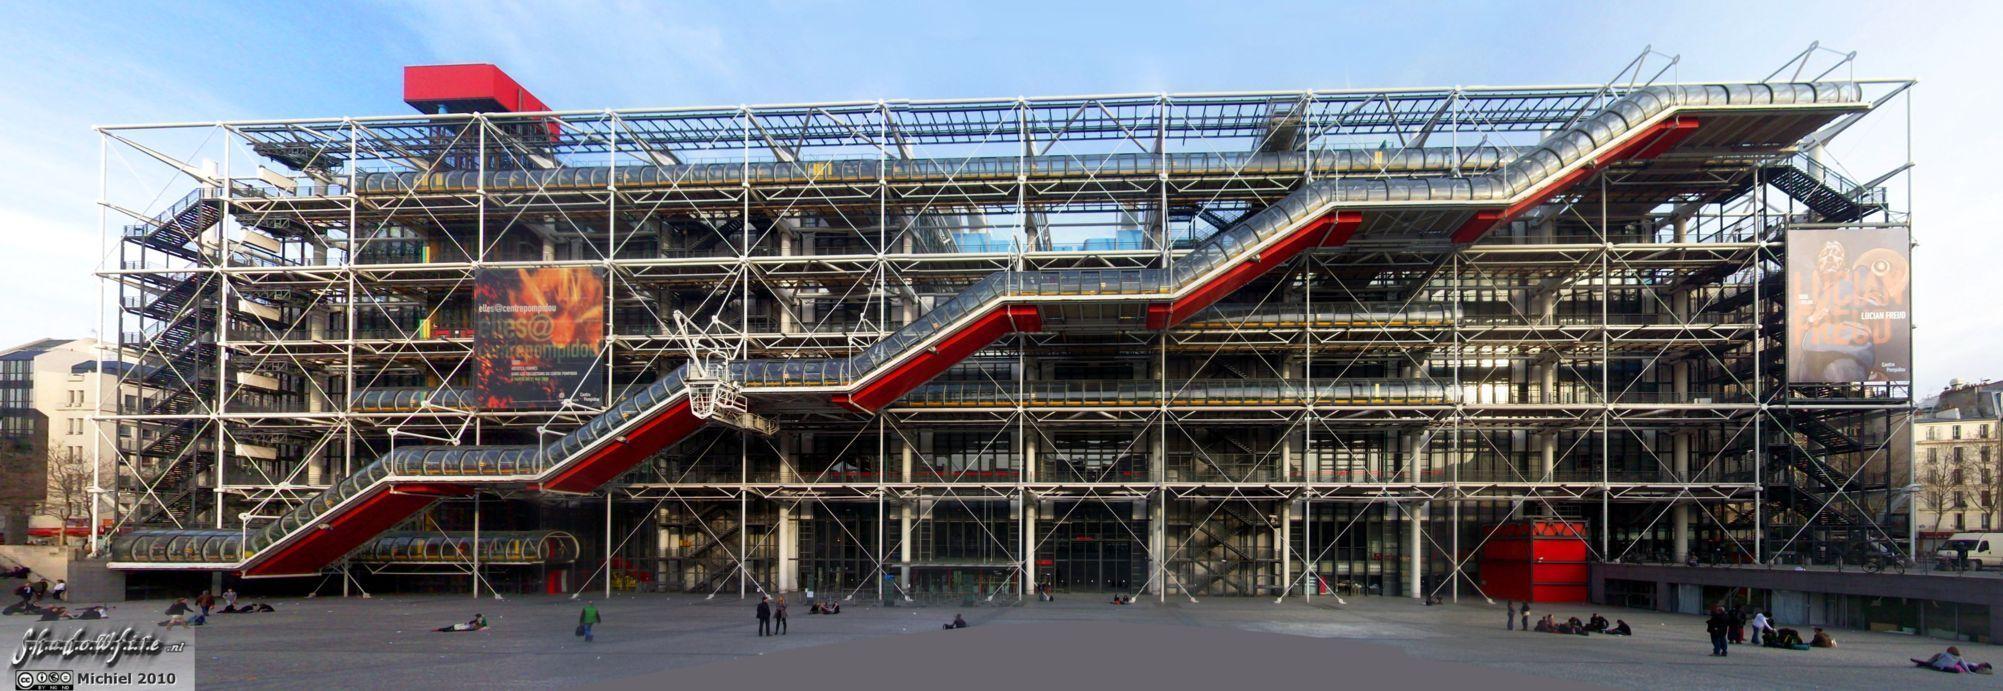 ¿Cuál de estos no es un museo de París?